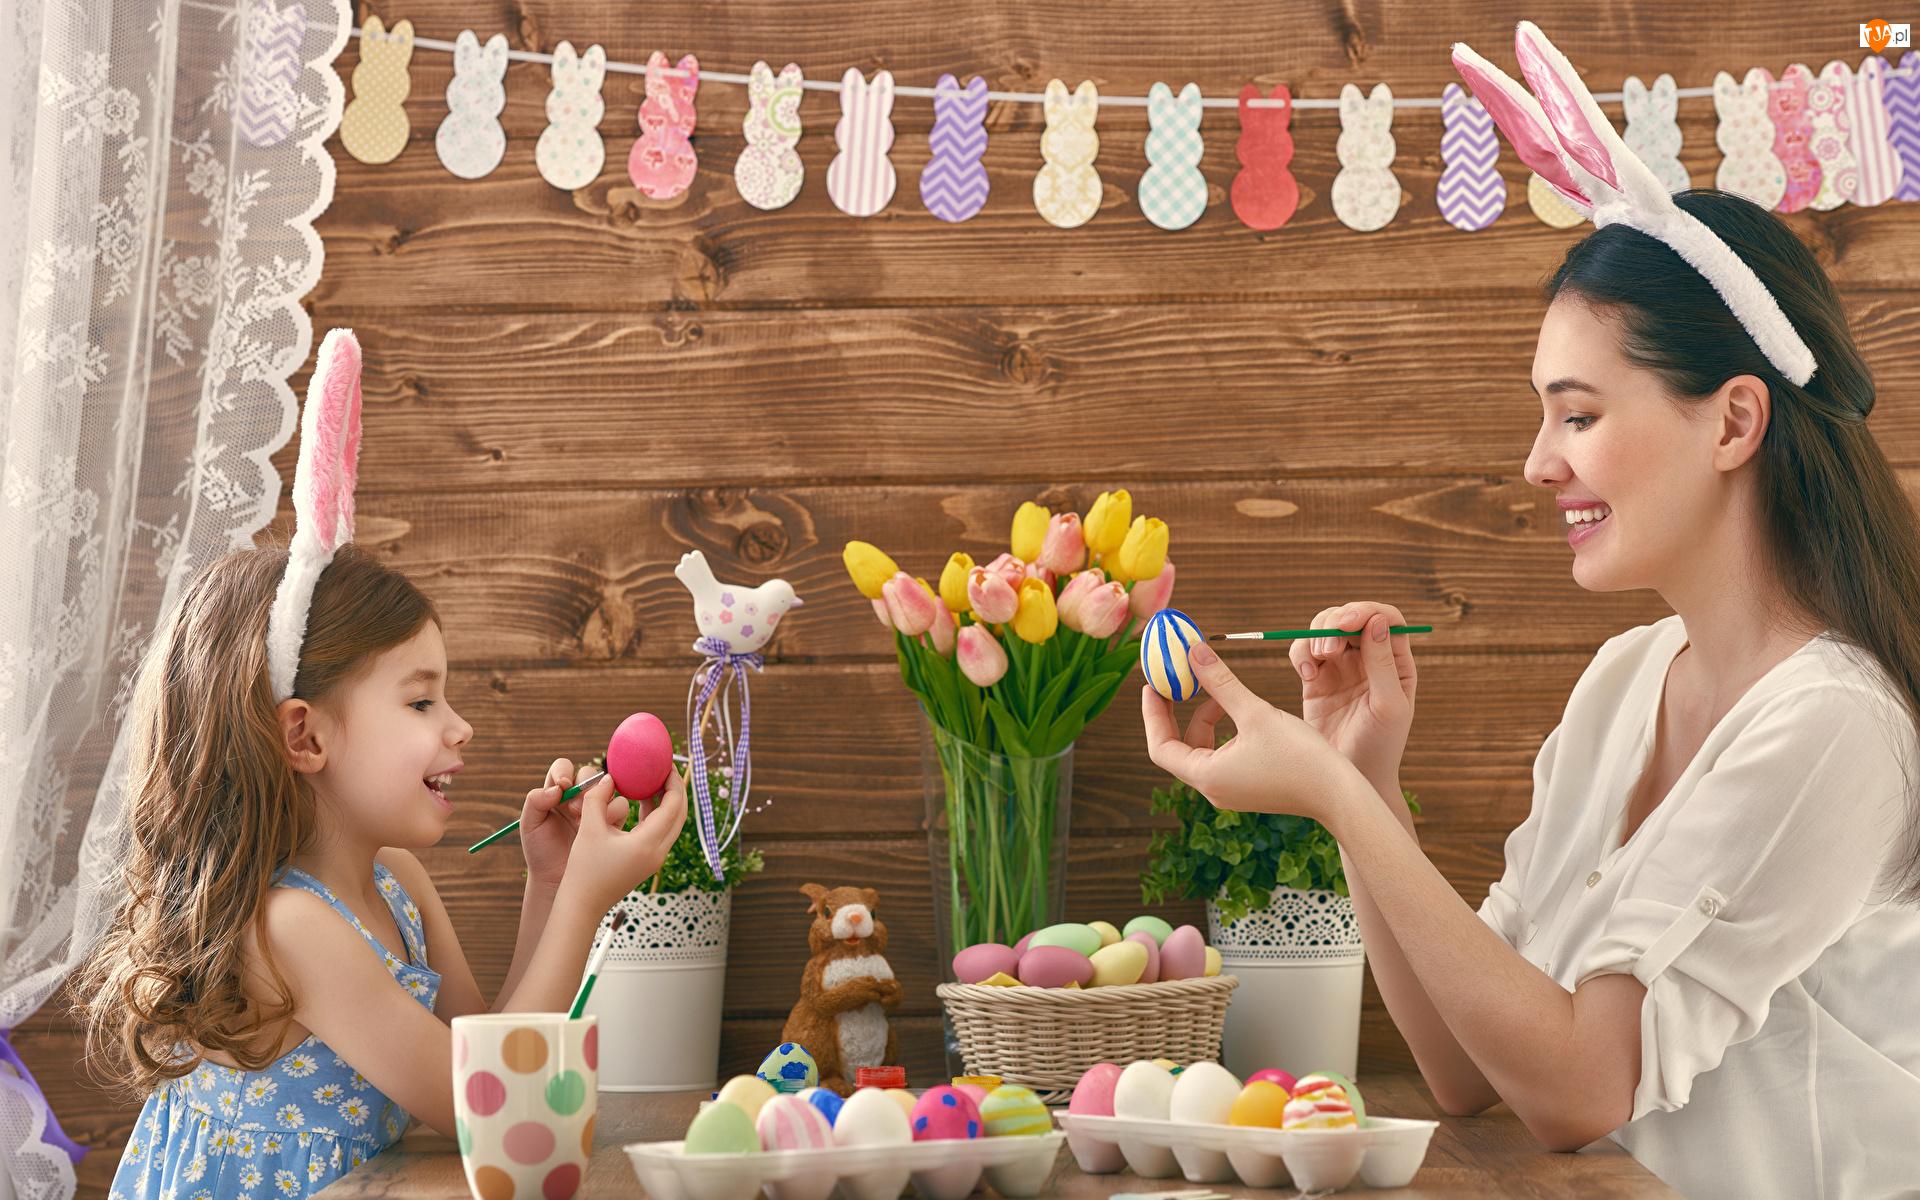 Tulipany, Mama, Pisanek, Jajka, Malowanie, Kobieta, Dziecko, Wielkanoc, Dziewczynka